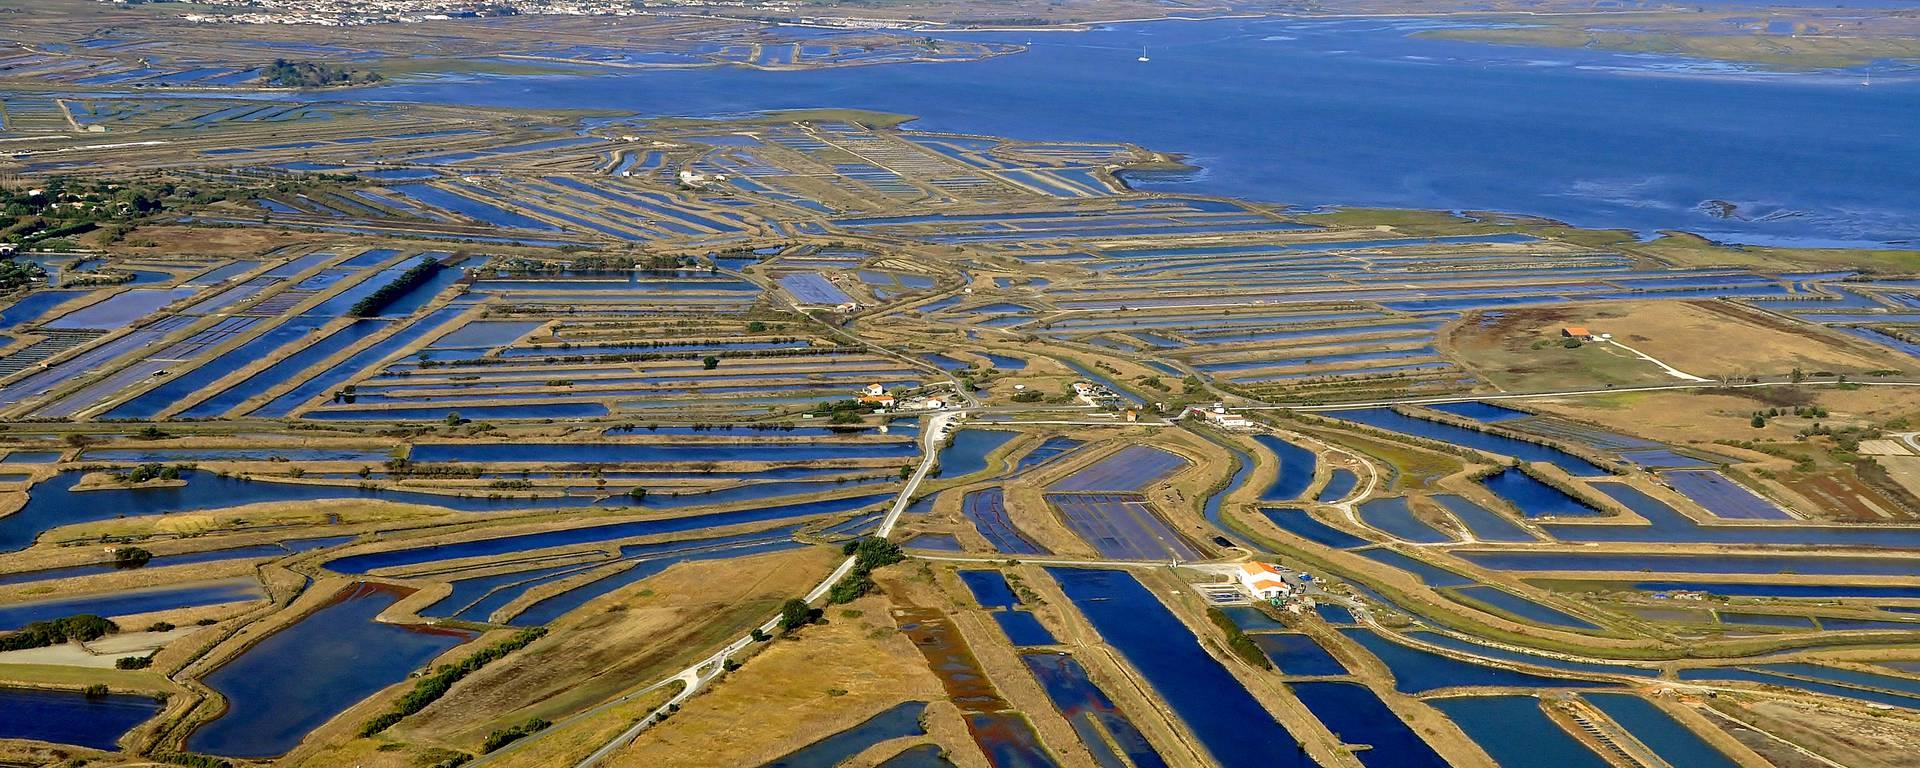 The salt marshes of Ile de Ré as far as the eye can see by Bernard Collin